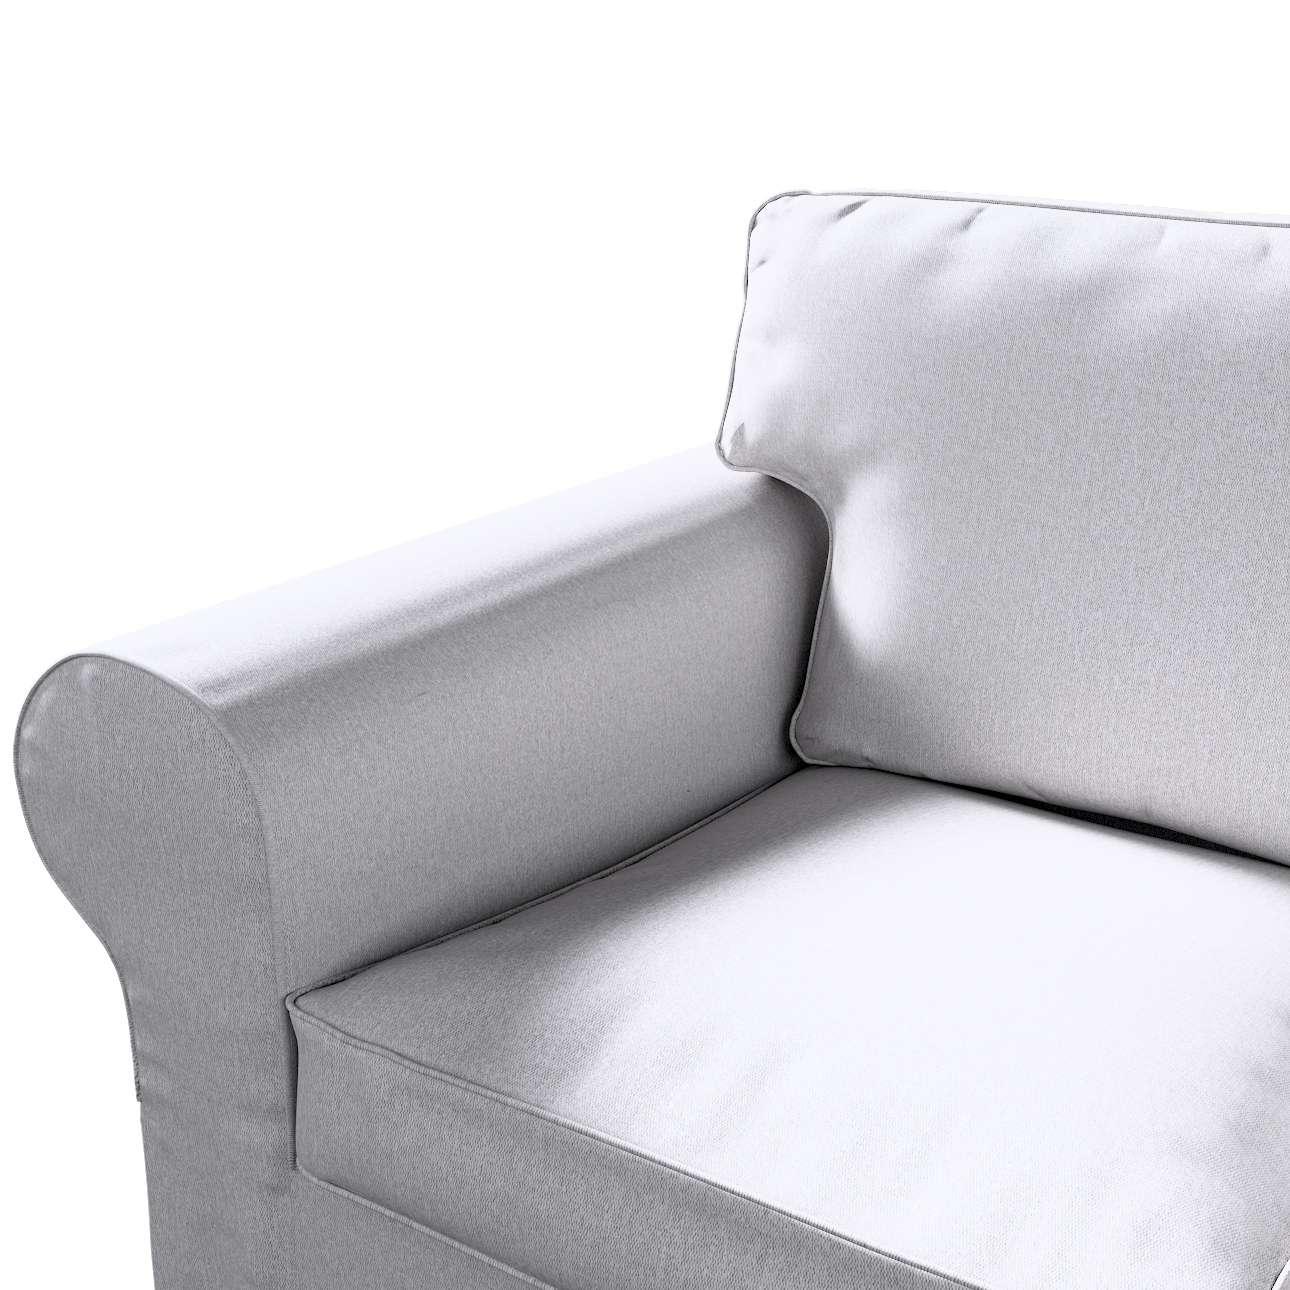 Pokrowiec na sofę Ektorp 3-osobową, rozkładaną, PIXBO w kolekcji Amsterdam, tkanina: 704-45